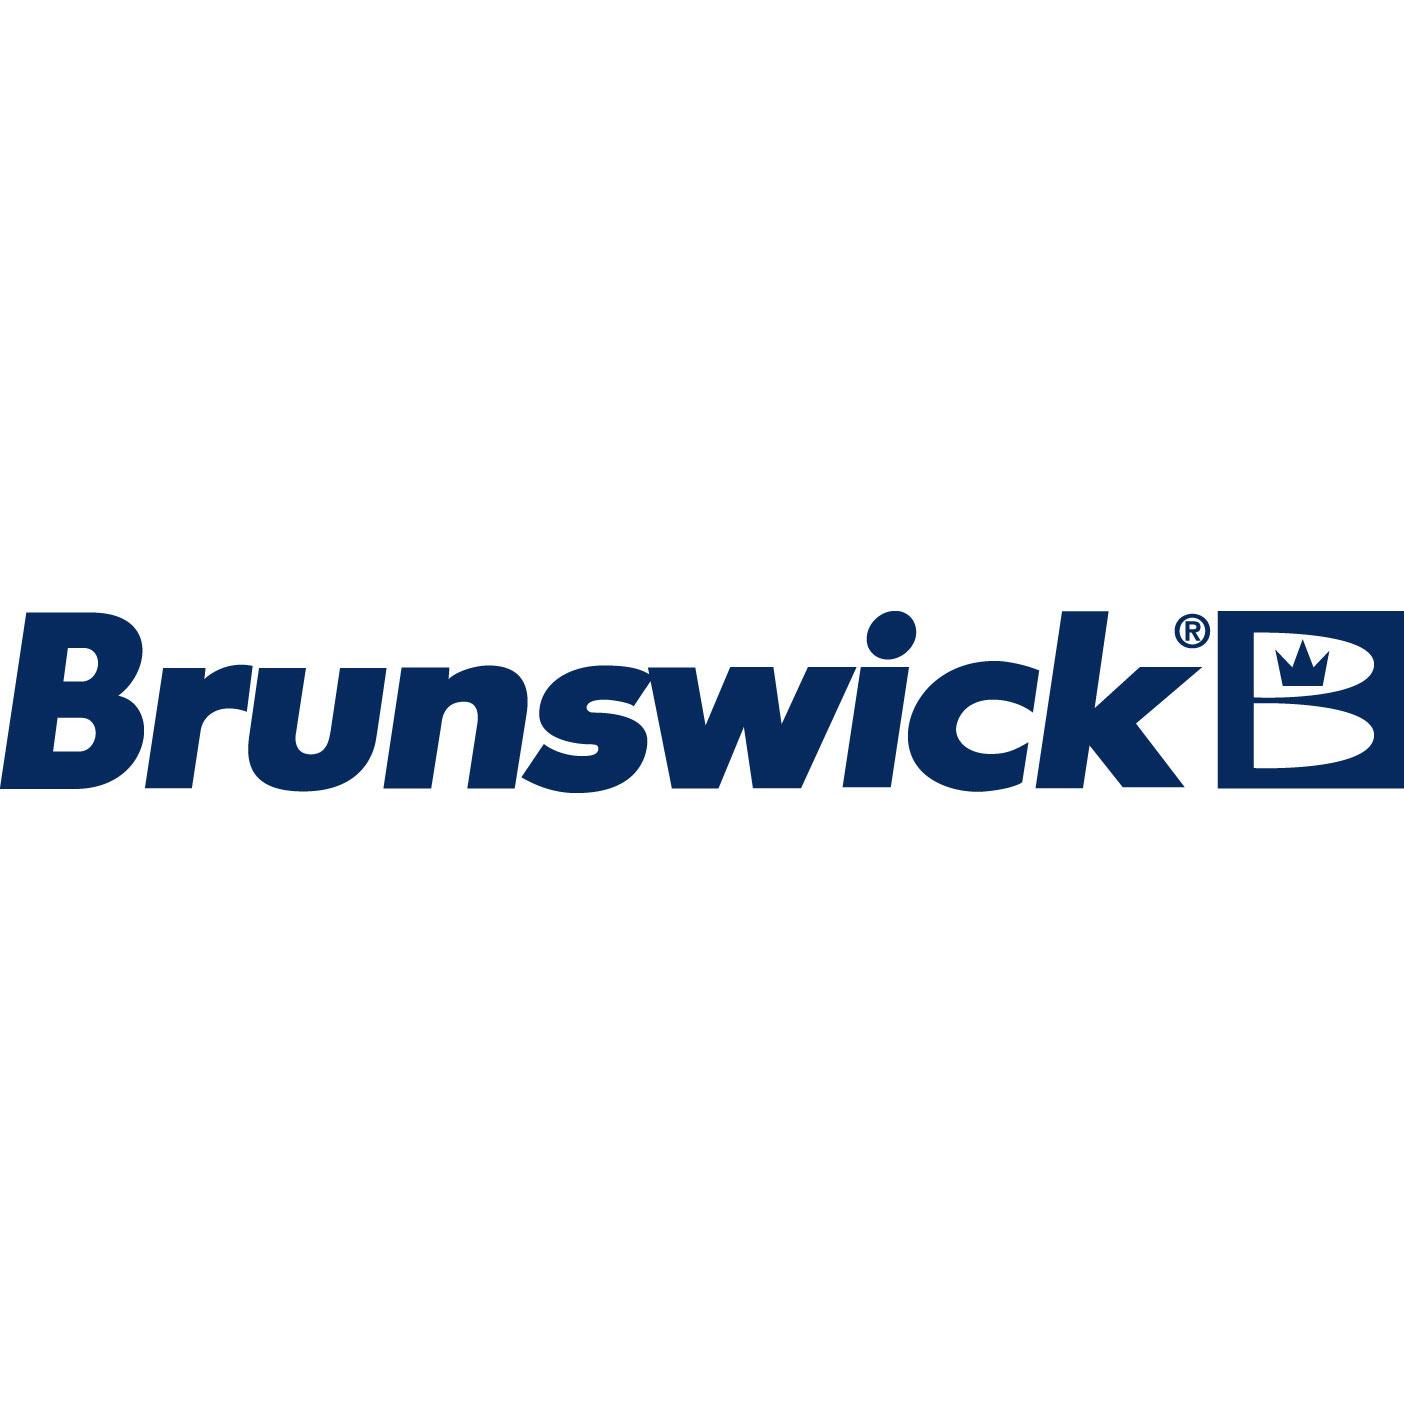 Bowling-Ball-Tasche-Double-Roller-Brunswick-Gear-Bag-Platz-fuer-Bowlingschuhe Indexbild 14